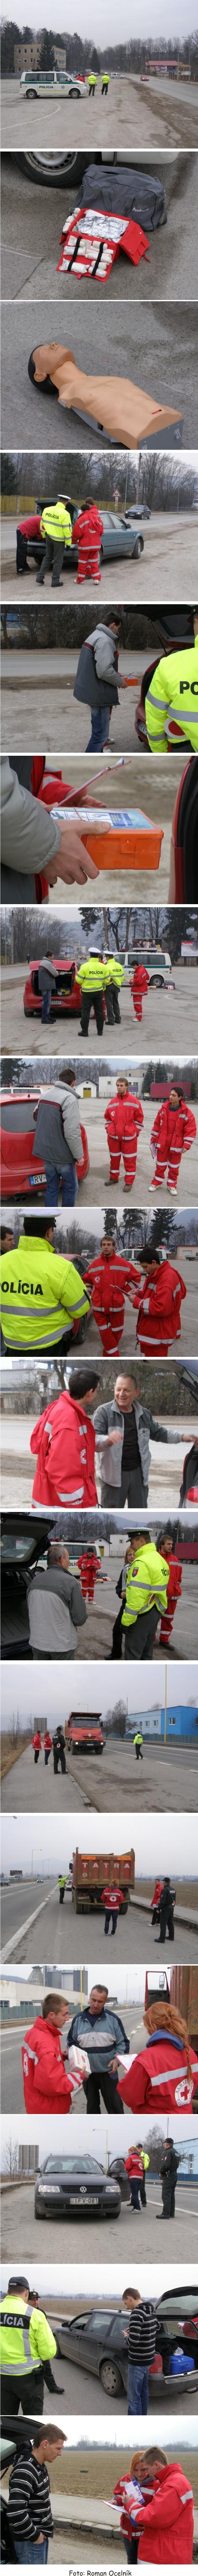 policajná dopravno - bezpečnostná akcia